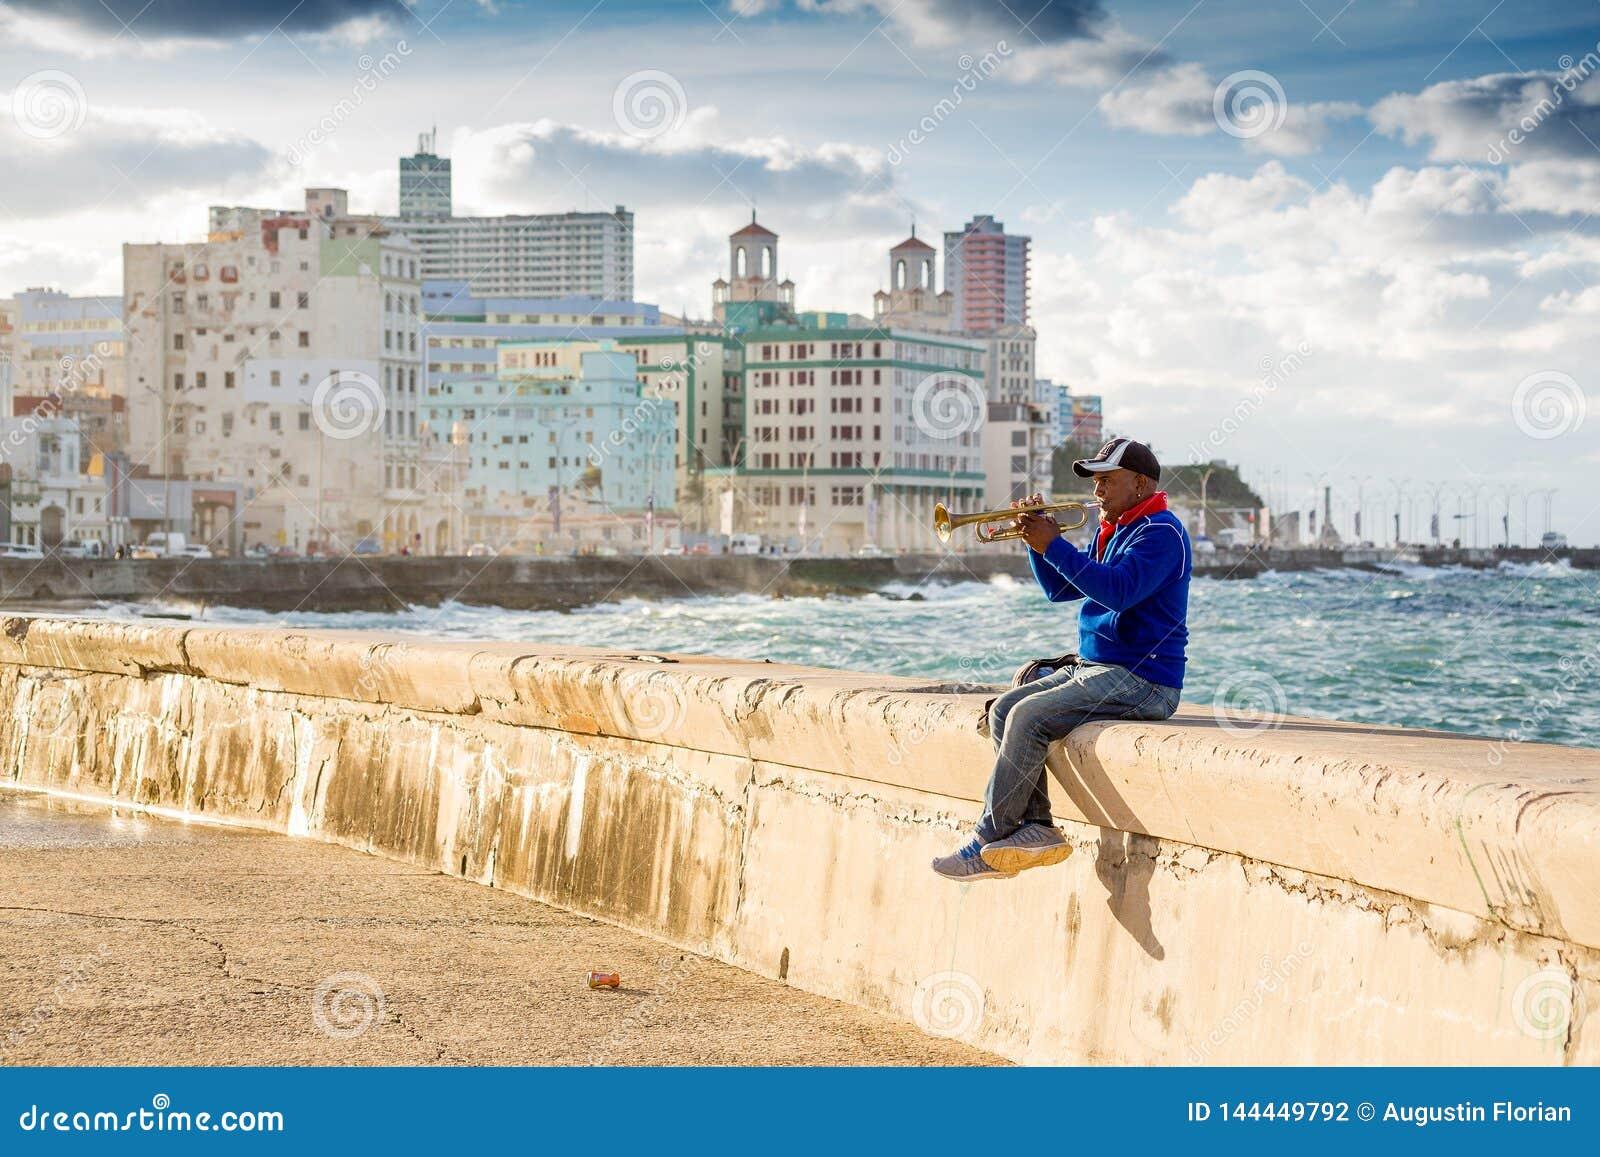 La Havane, Cuba - 29 novembre 2017 : Homme jouant la trompette sur Malecon